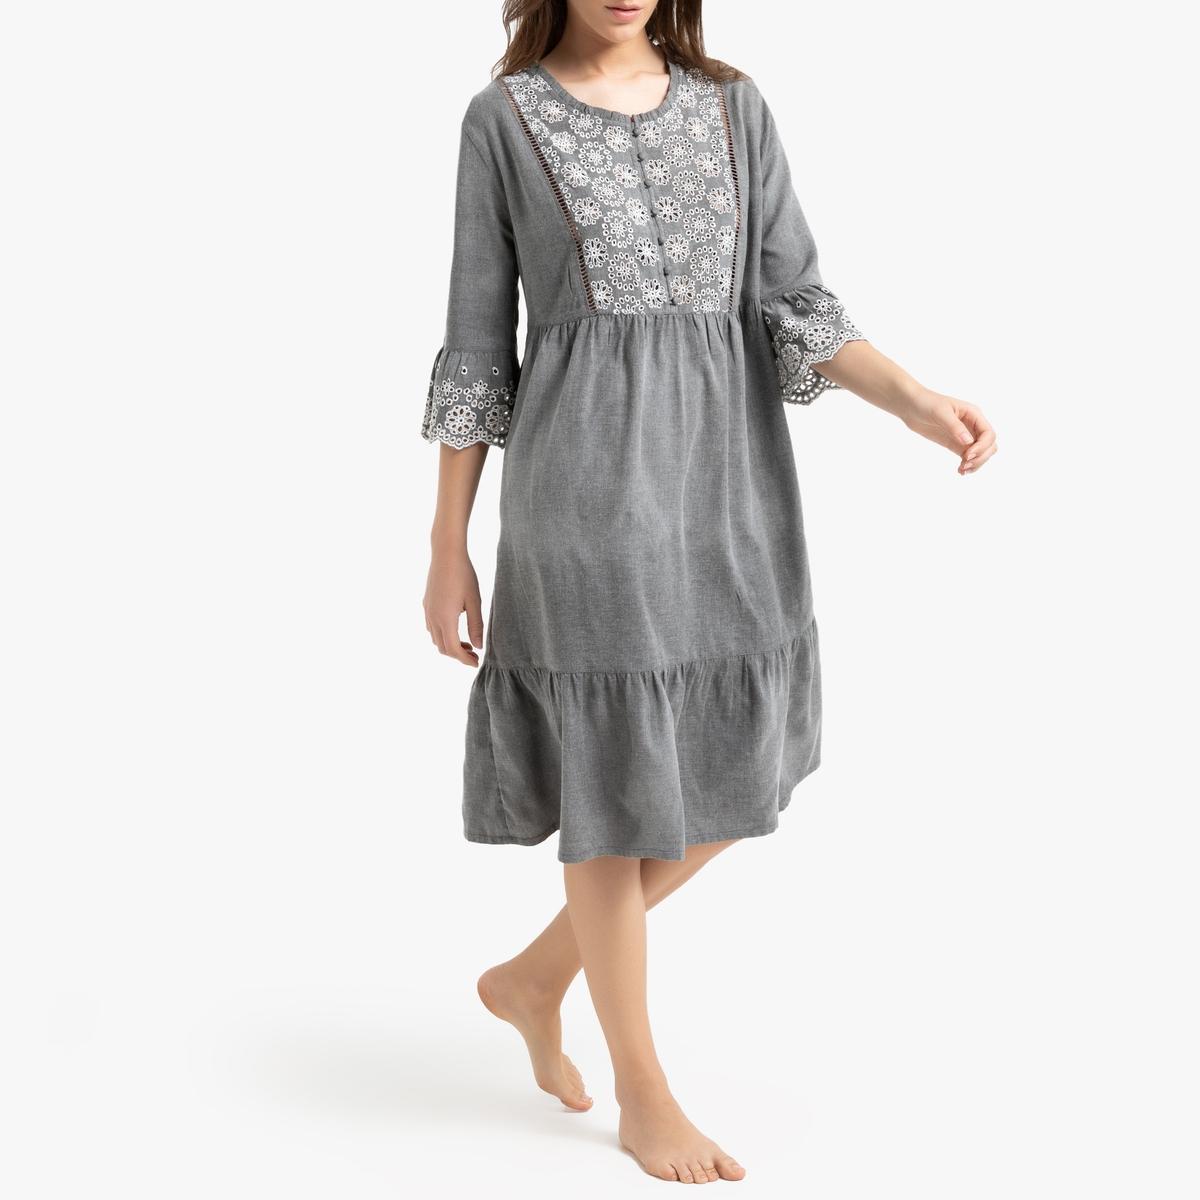 Camisa de dormir com bordado inglês